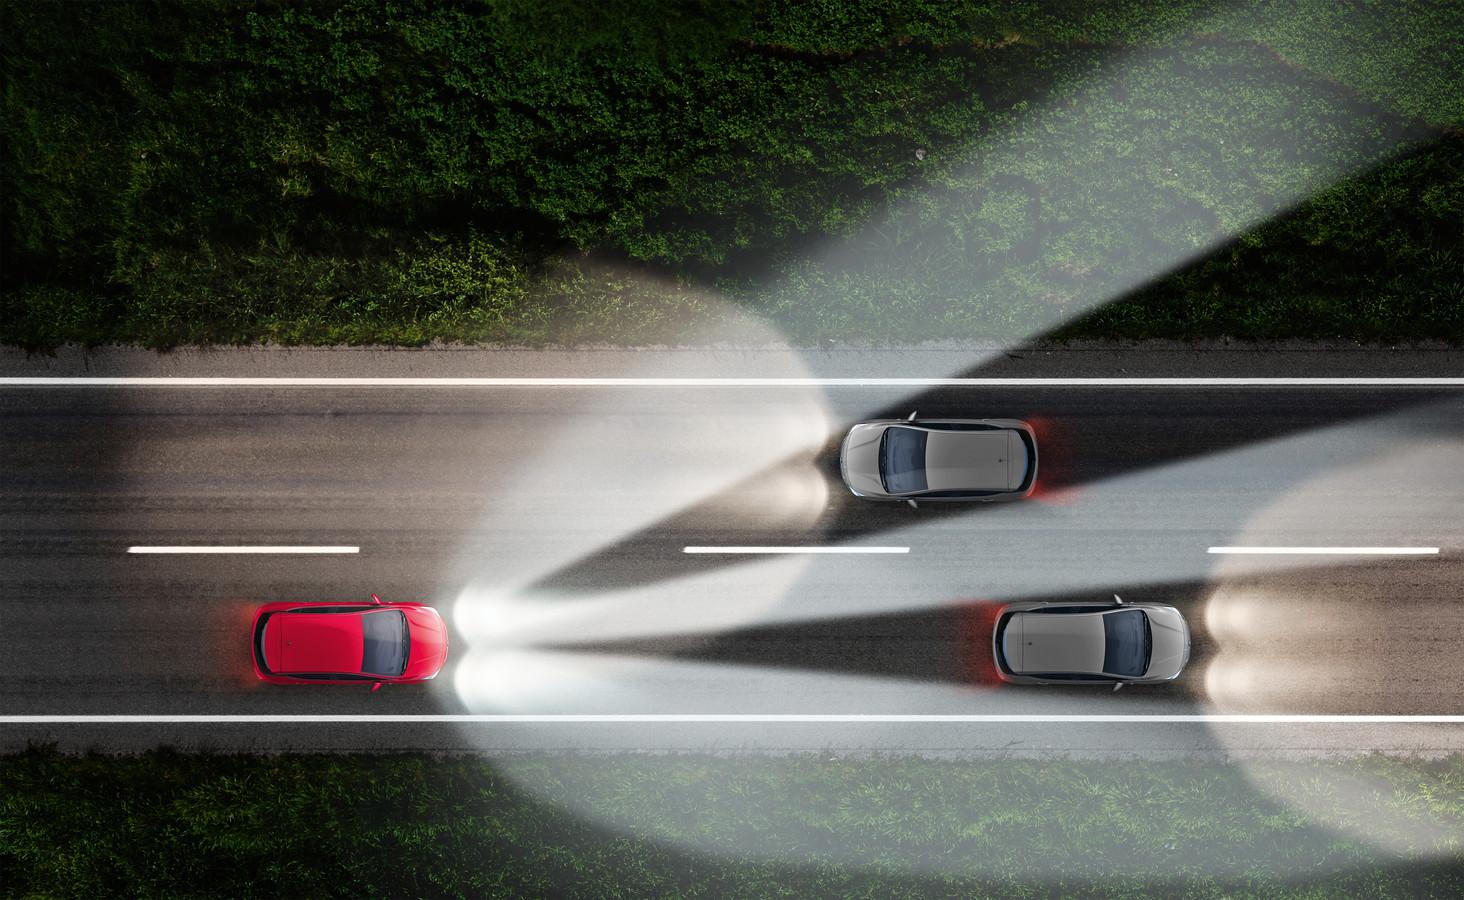 De IntelliLUX Matrix-verlichting detecteert met een camera tegenliggers, waarbij het lichtbeeld wordt 'onderbroken' voor tegemoetkomend verkeer.